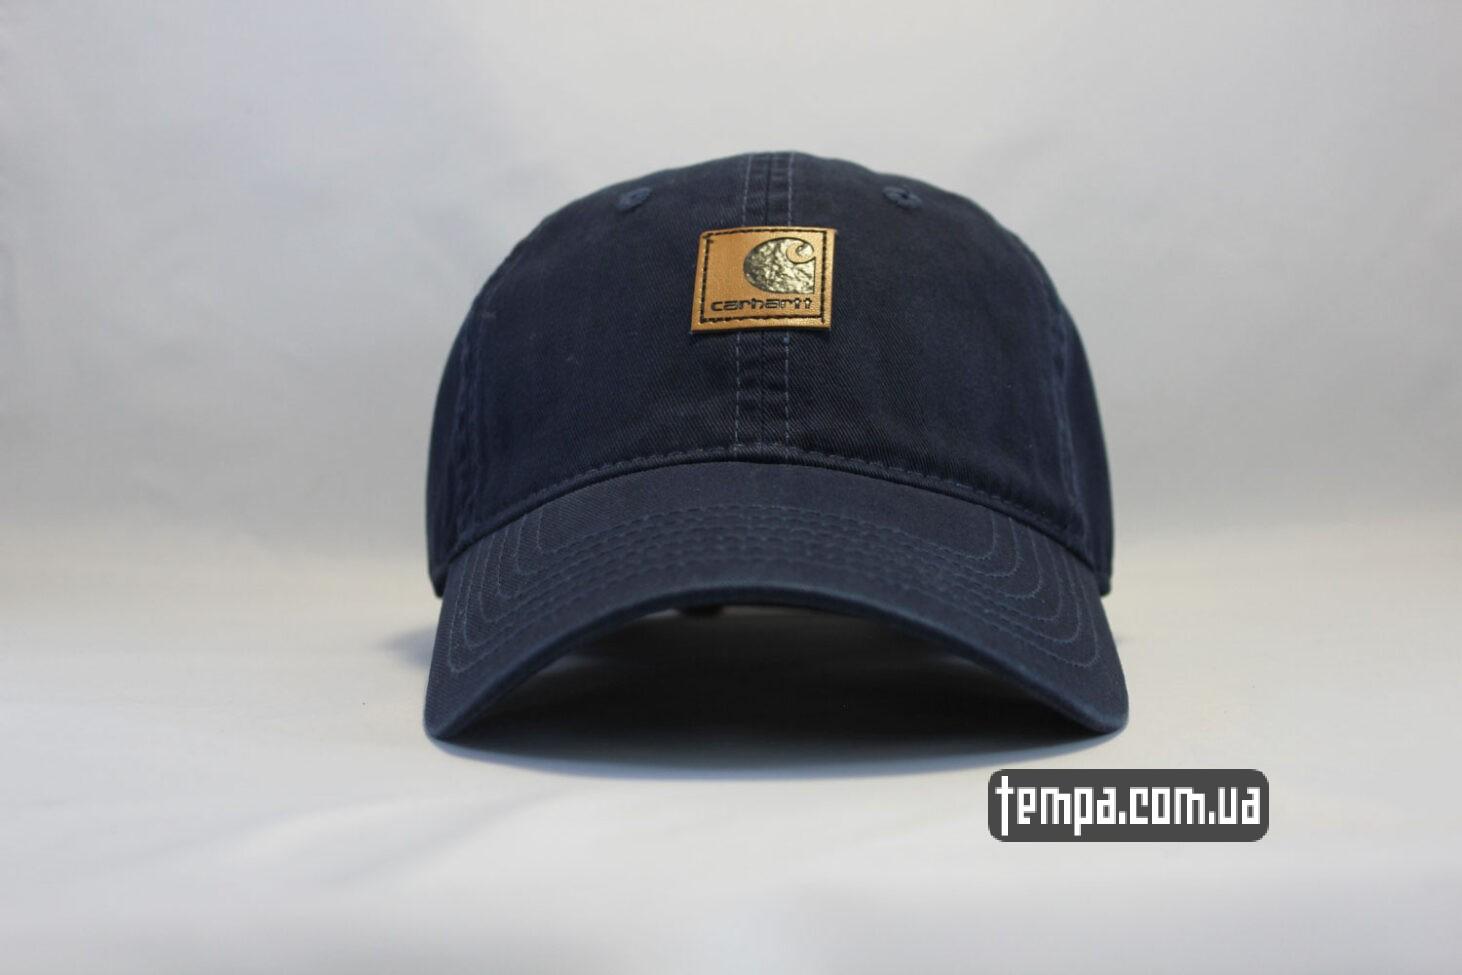 кепка бейсболка Carhartt синяя кожаный логотип